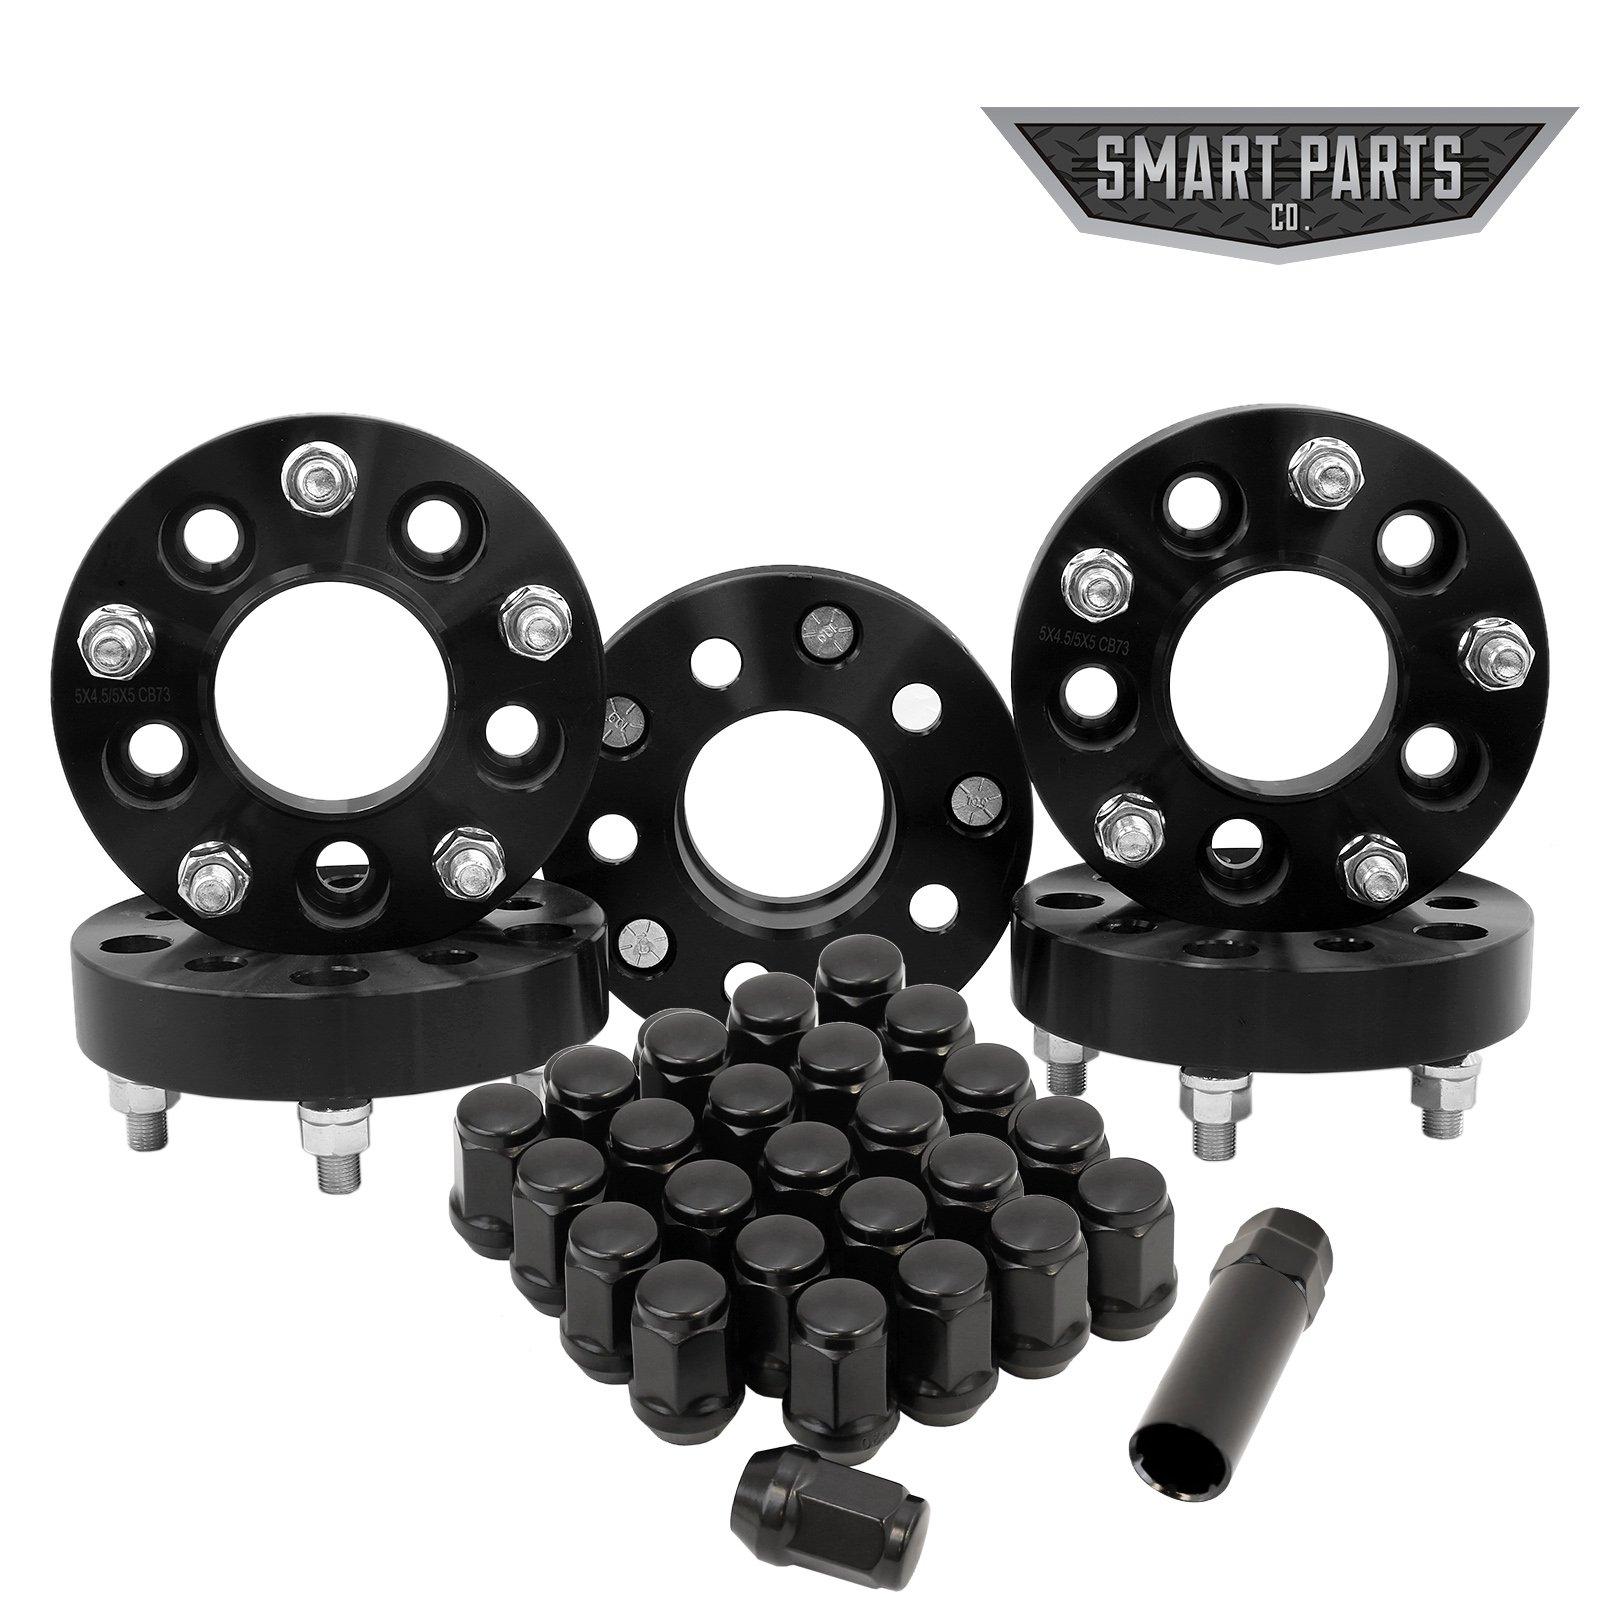 5 Jeep Wheel Adapters 5x4.5 to 5x5 1.25'' (32mm) - Adapts Jk Wheels on Tj Yj Kk Sj Xj Mj (Set of 5) + 25 Chrome Acorn Lug Nuts